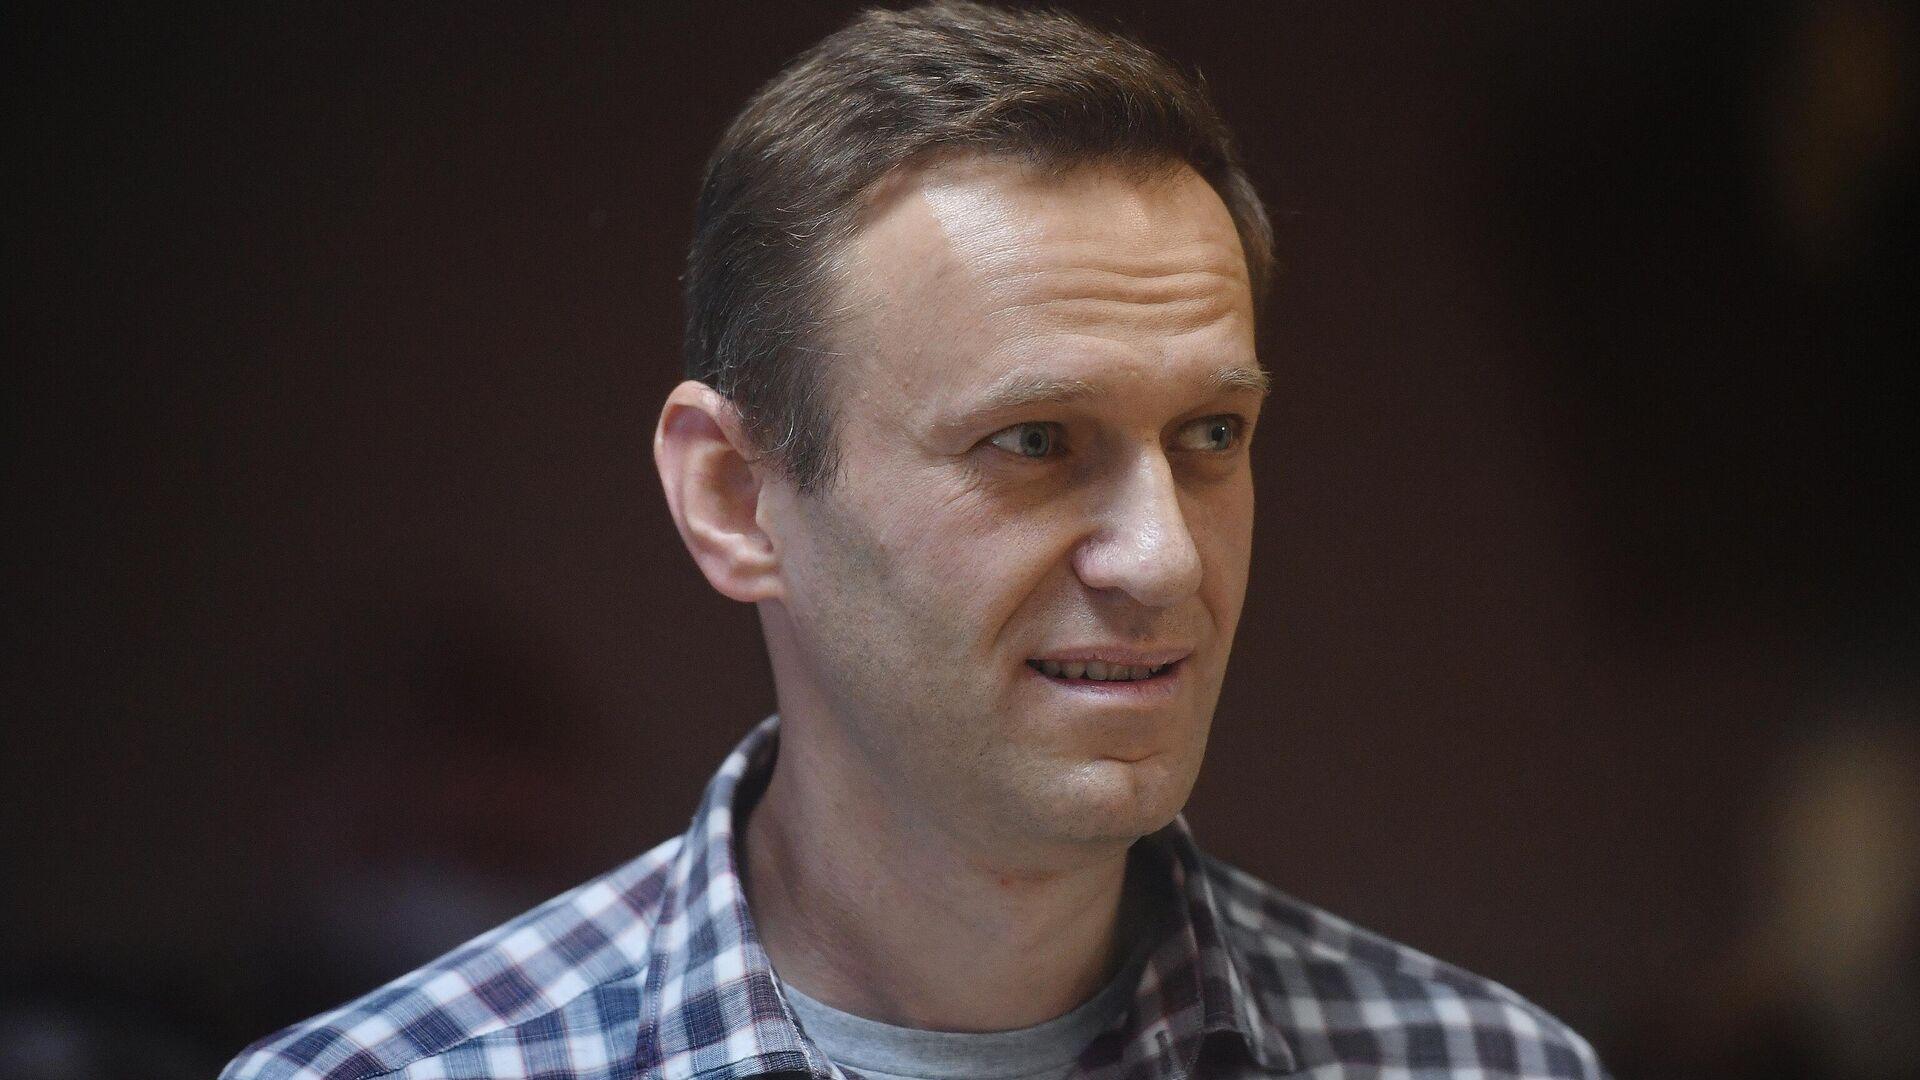 Алексей Навальный в зале Бабушкинского районного суда - РИА Новости, 1920, 01.08.2021